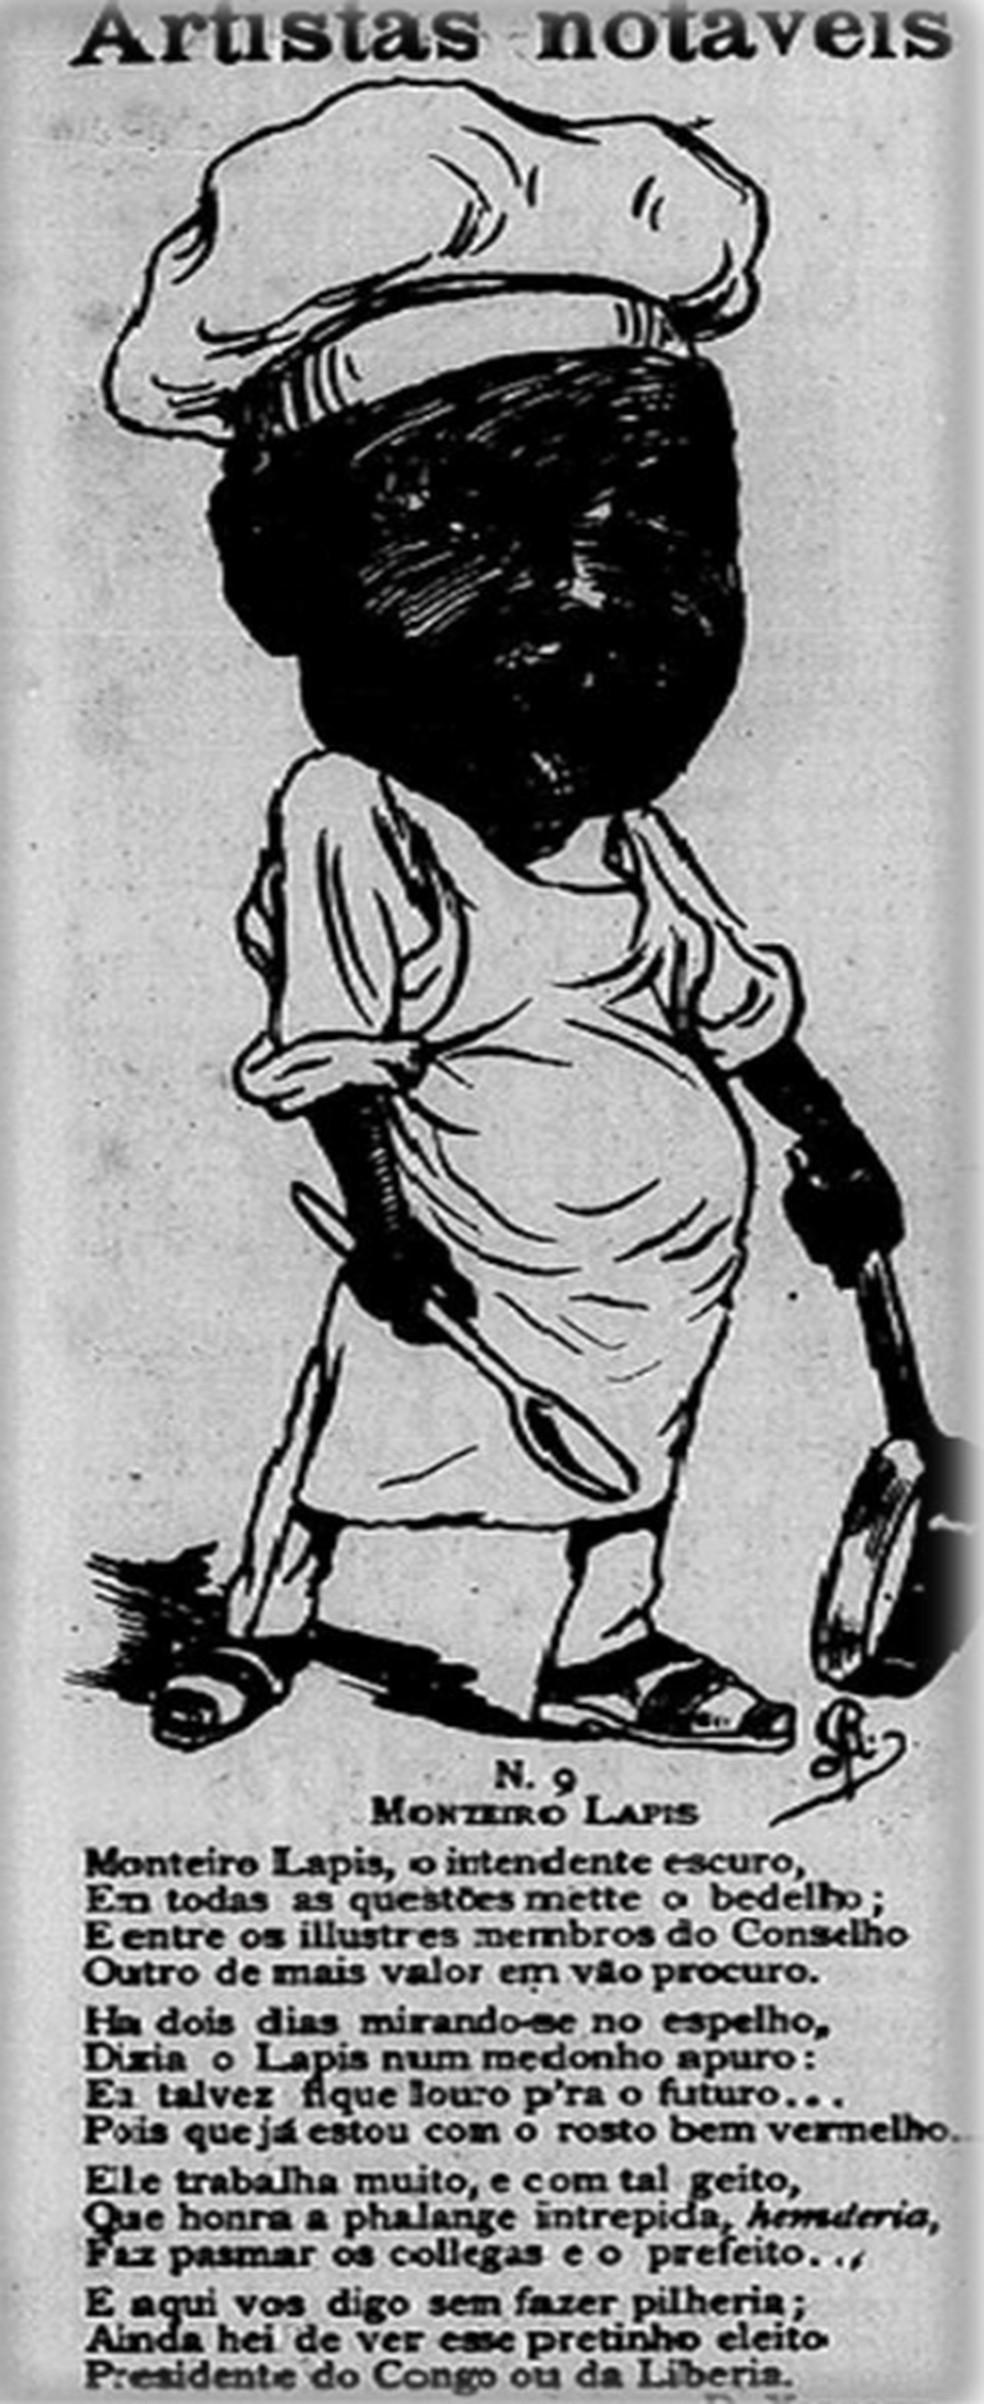 Edição da revista D. Quixote, de 1903, representa trabalhador negro como alguém ingrato, que reclama e pouco afeito ao trabalho — Foto: Biblioteca Nacional Digital/Reprodução